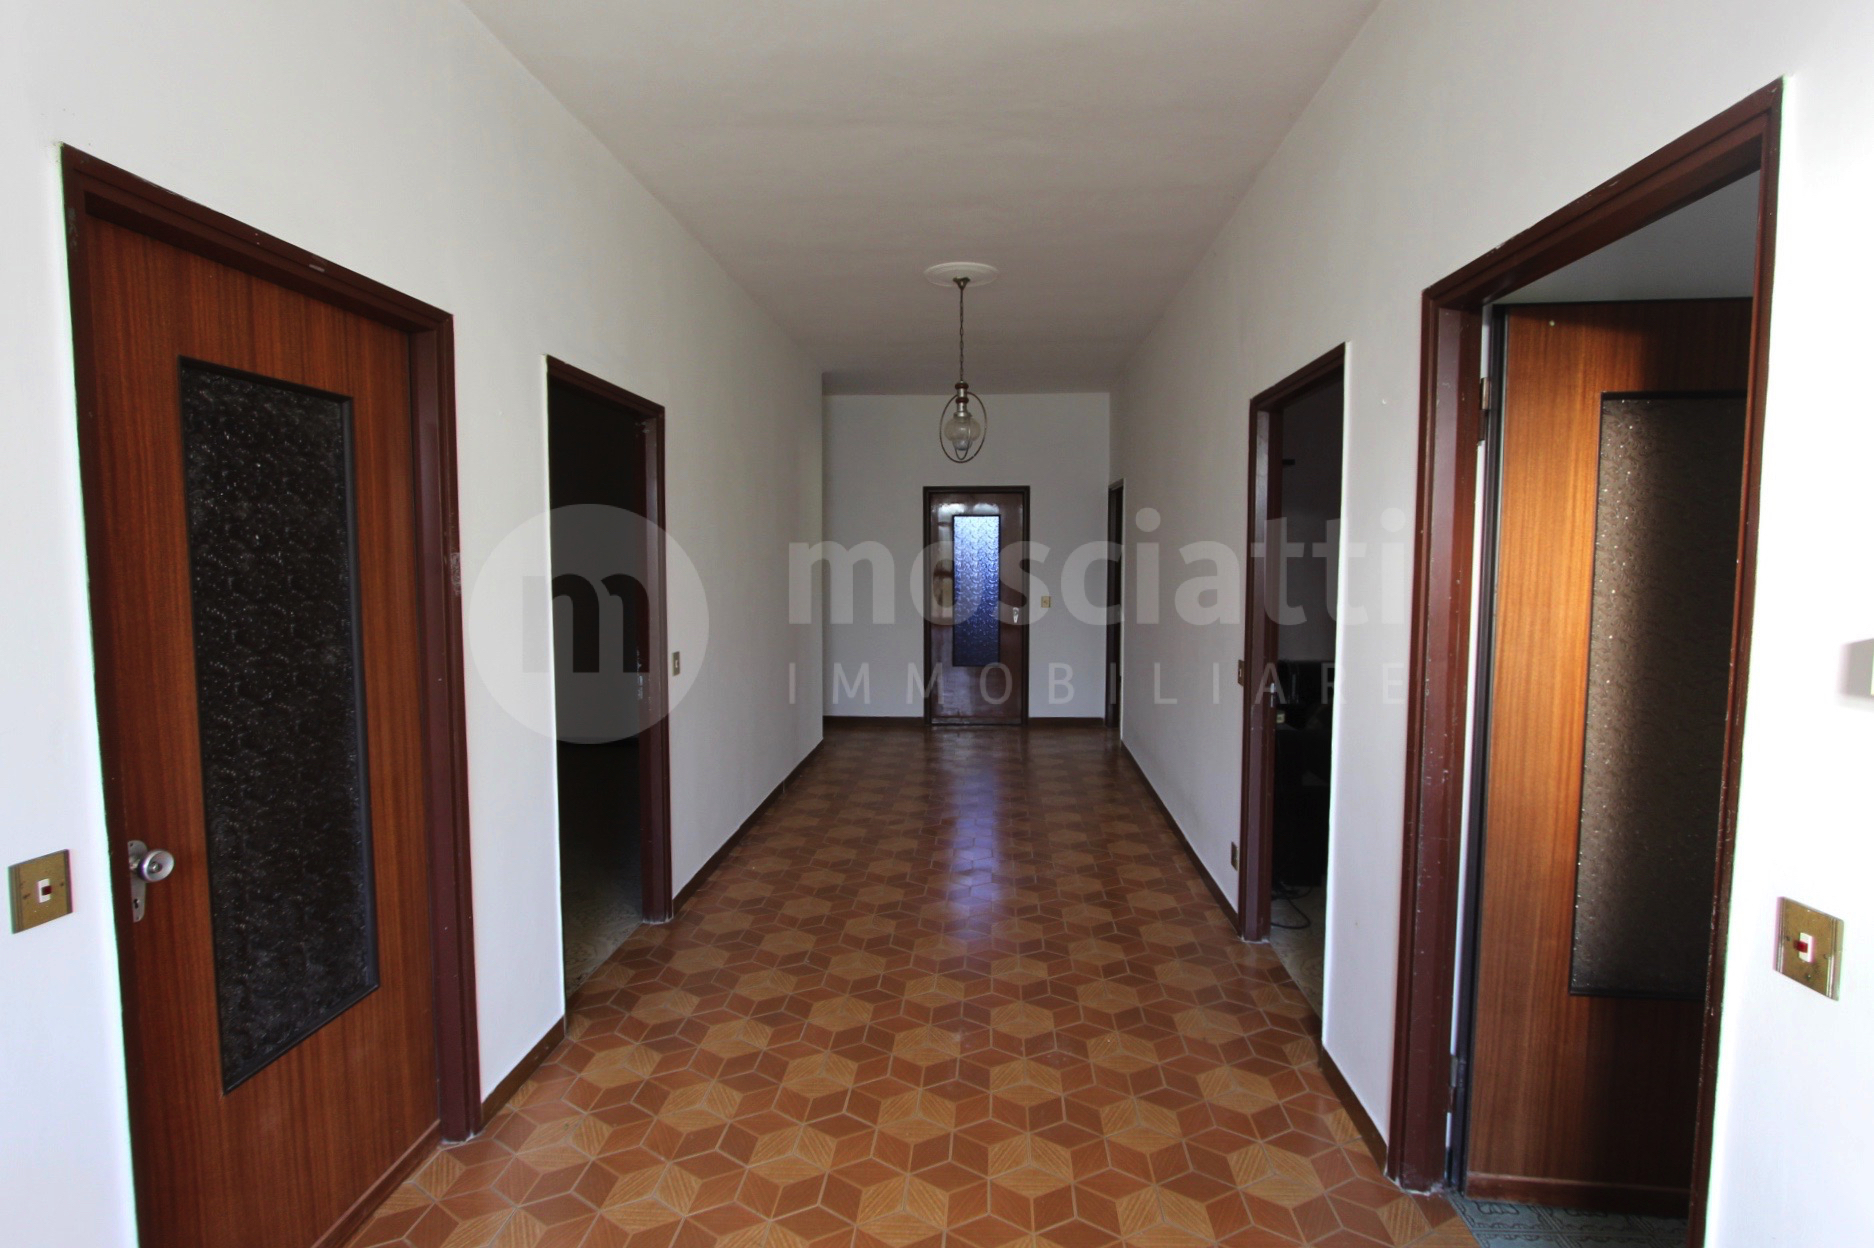 Poggio San Vicino Contrada Serronchia, vendesi abitazione e terreno agricolo - 1